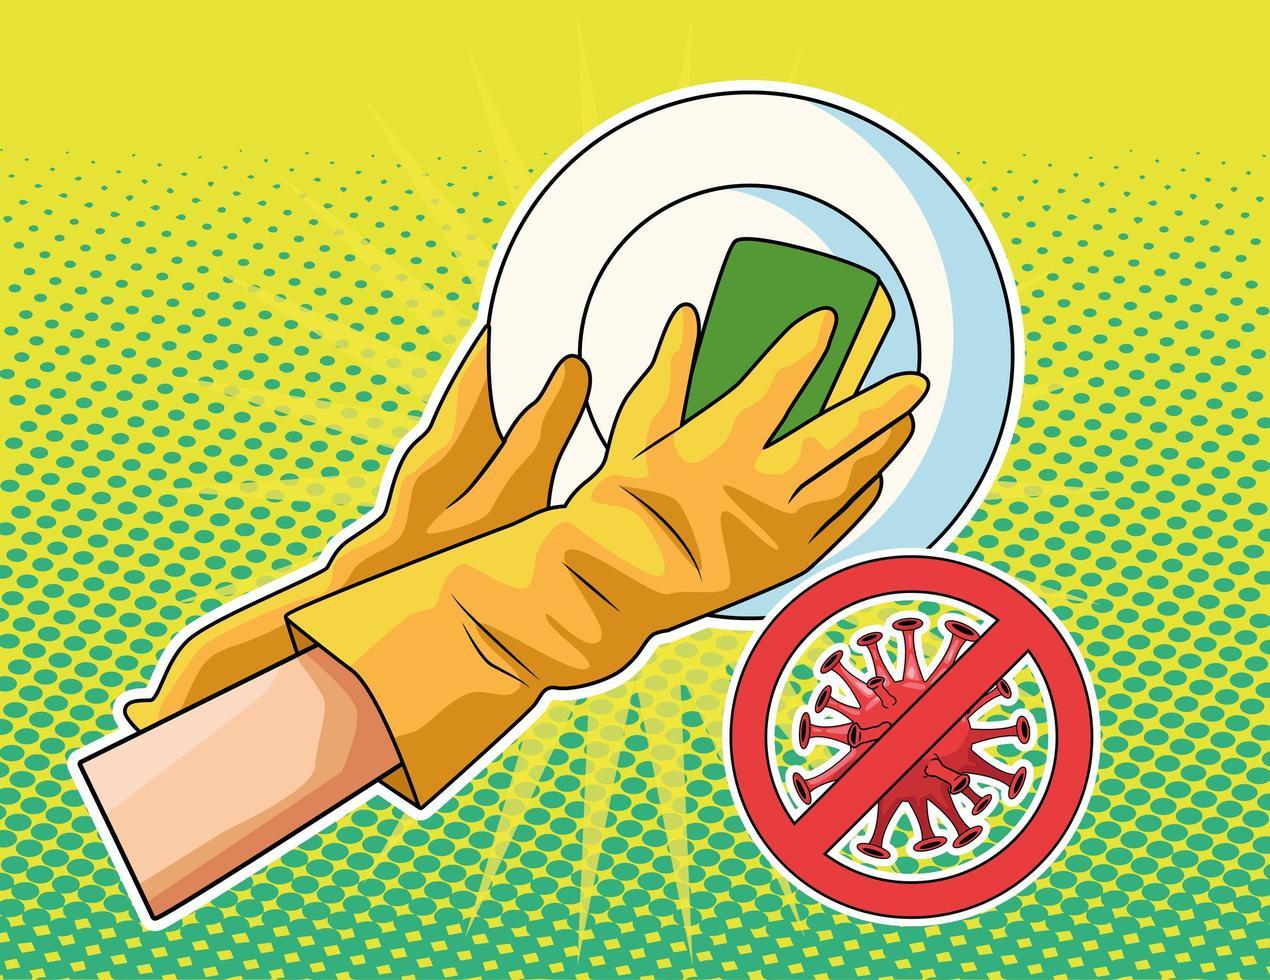 Washing utensils prevention vector